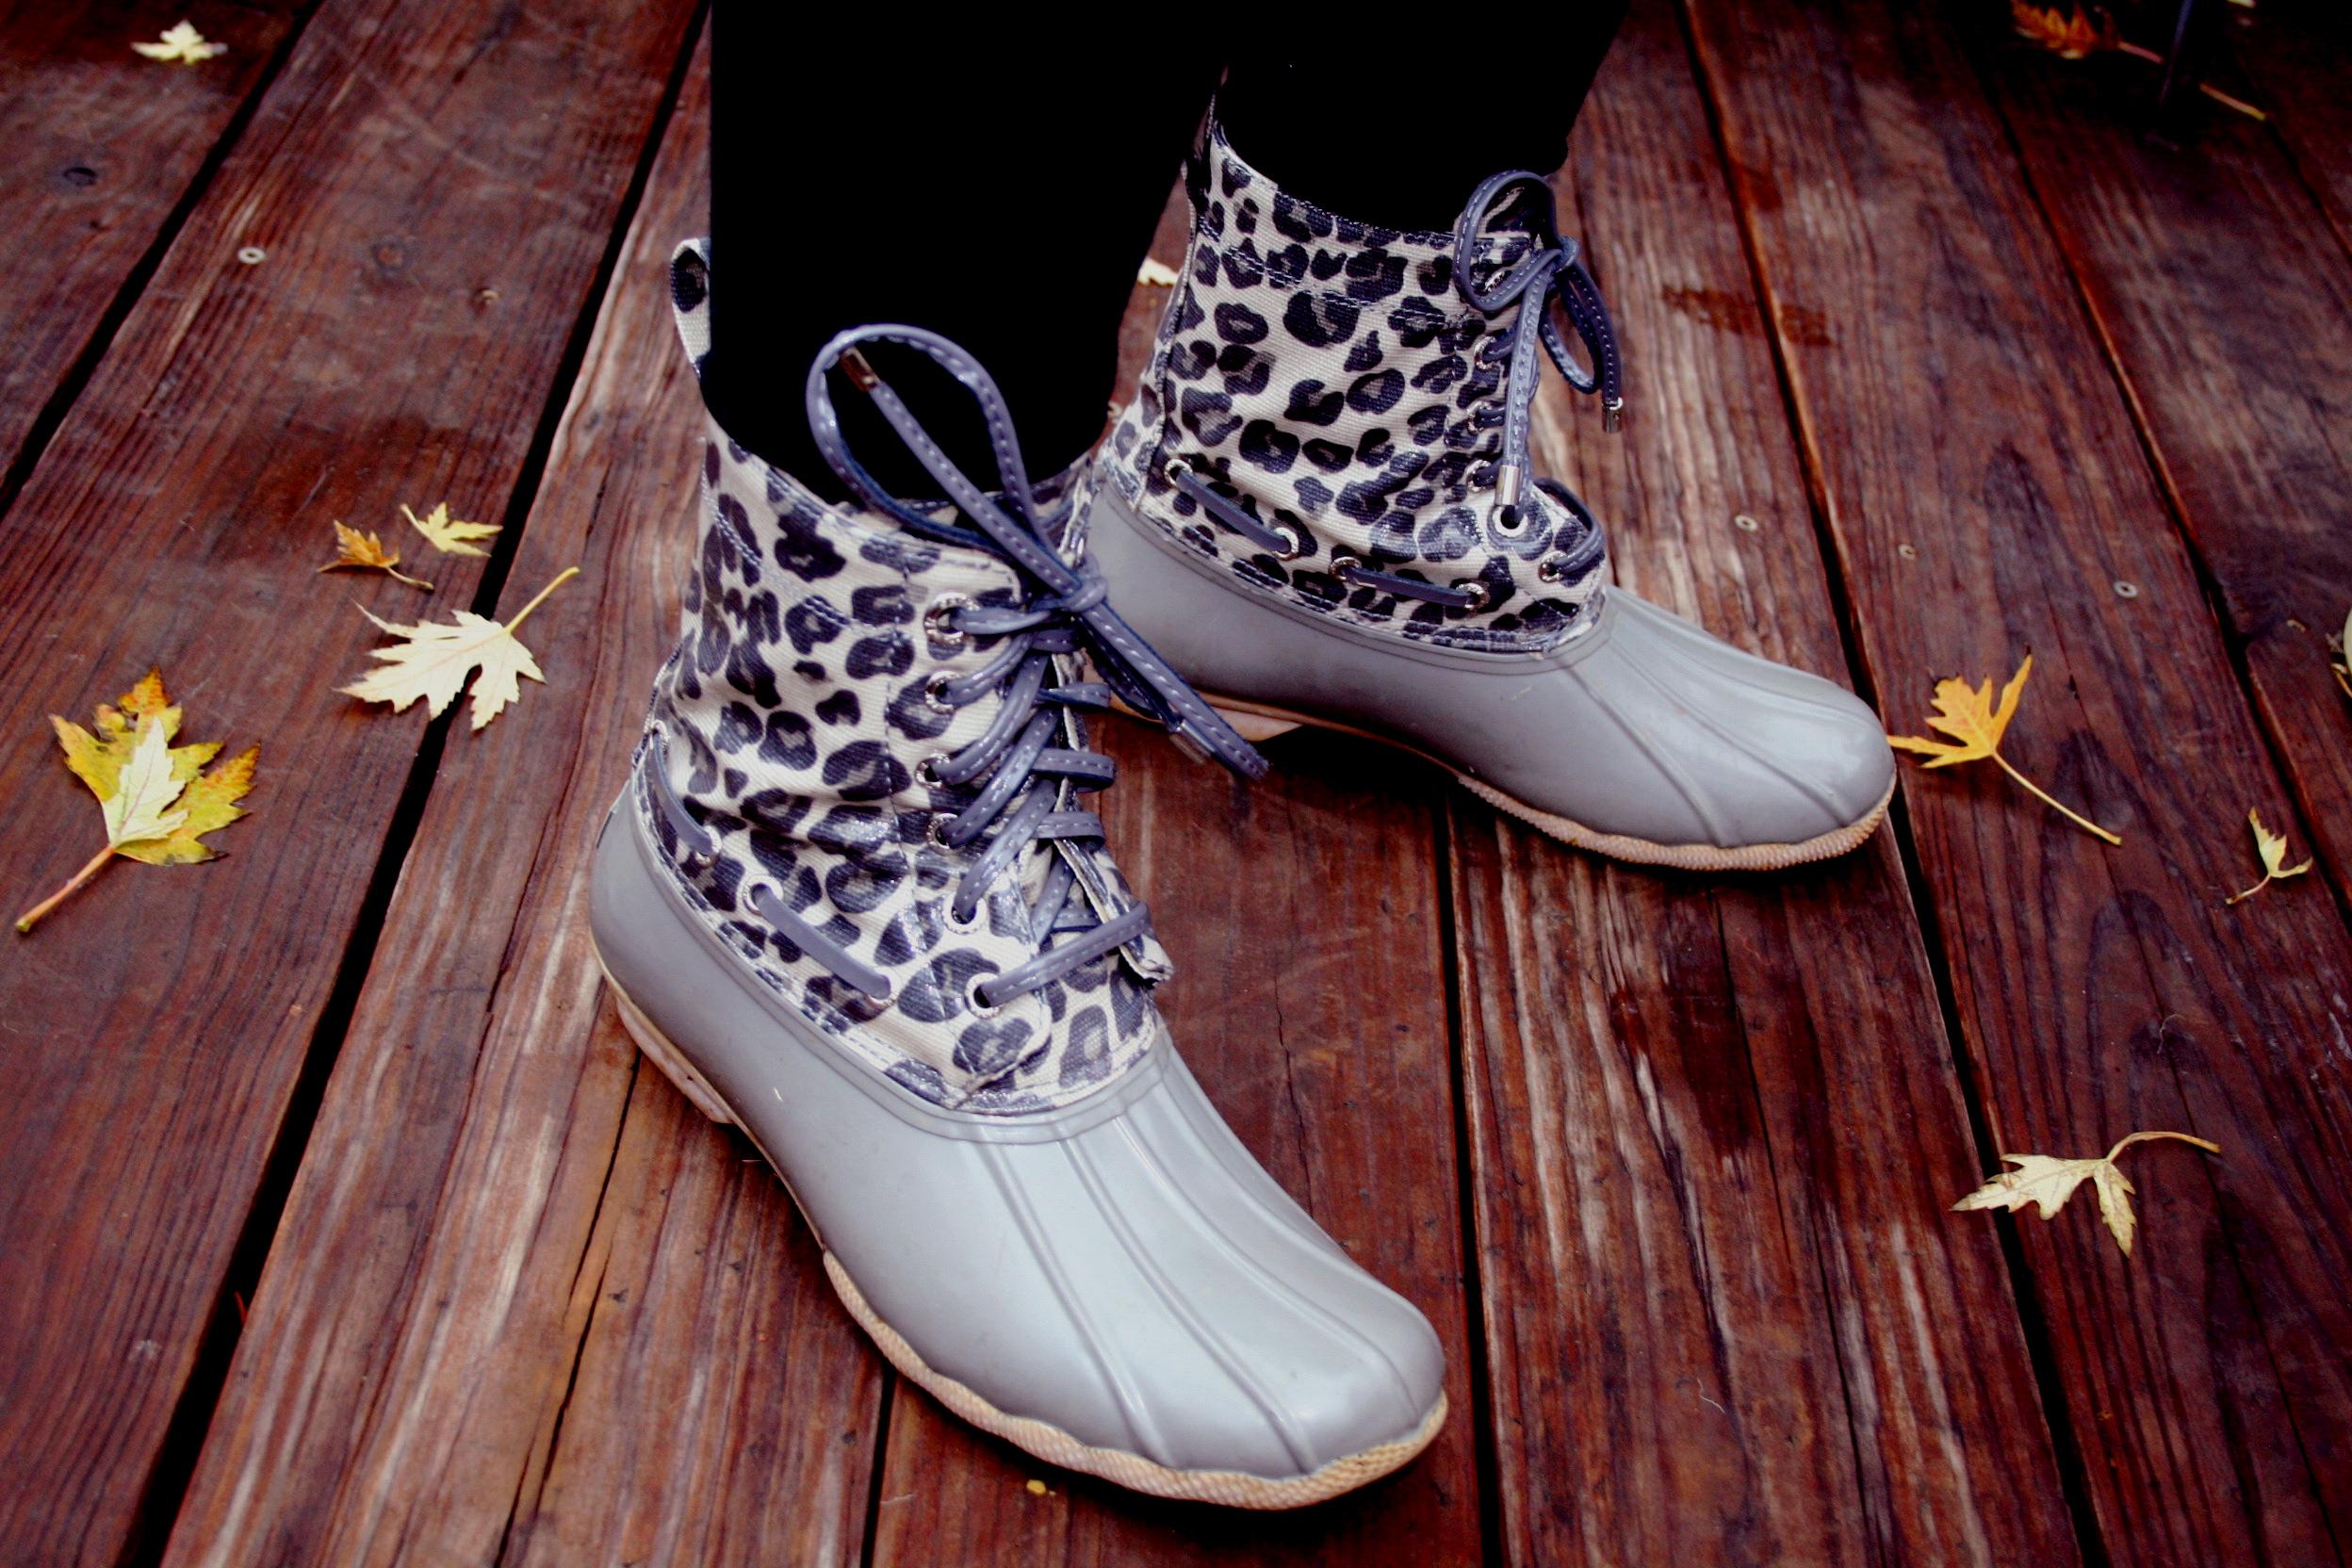 leopard rainbootz.